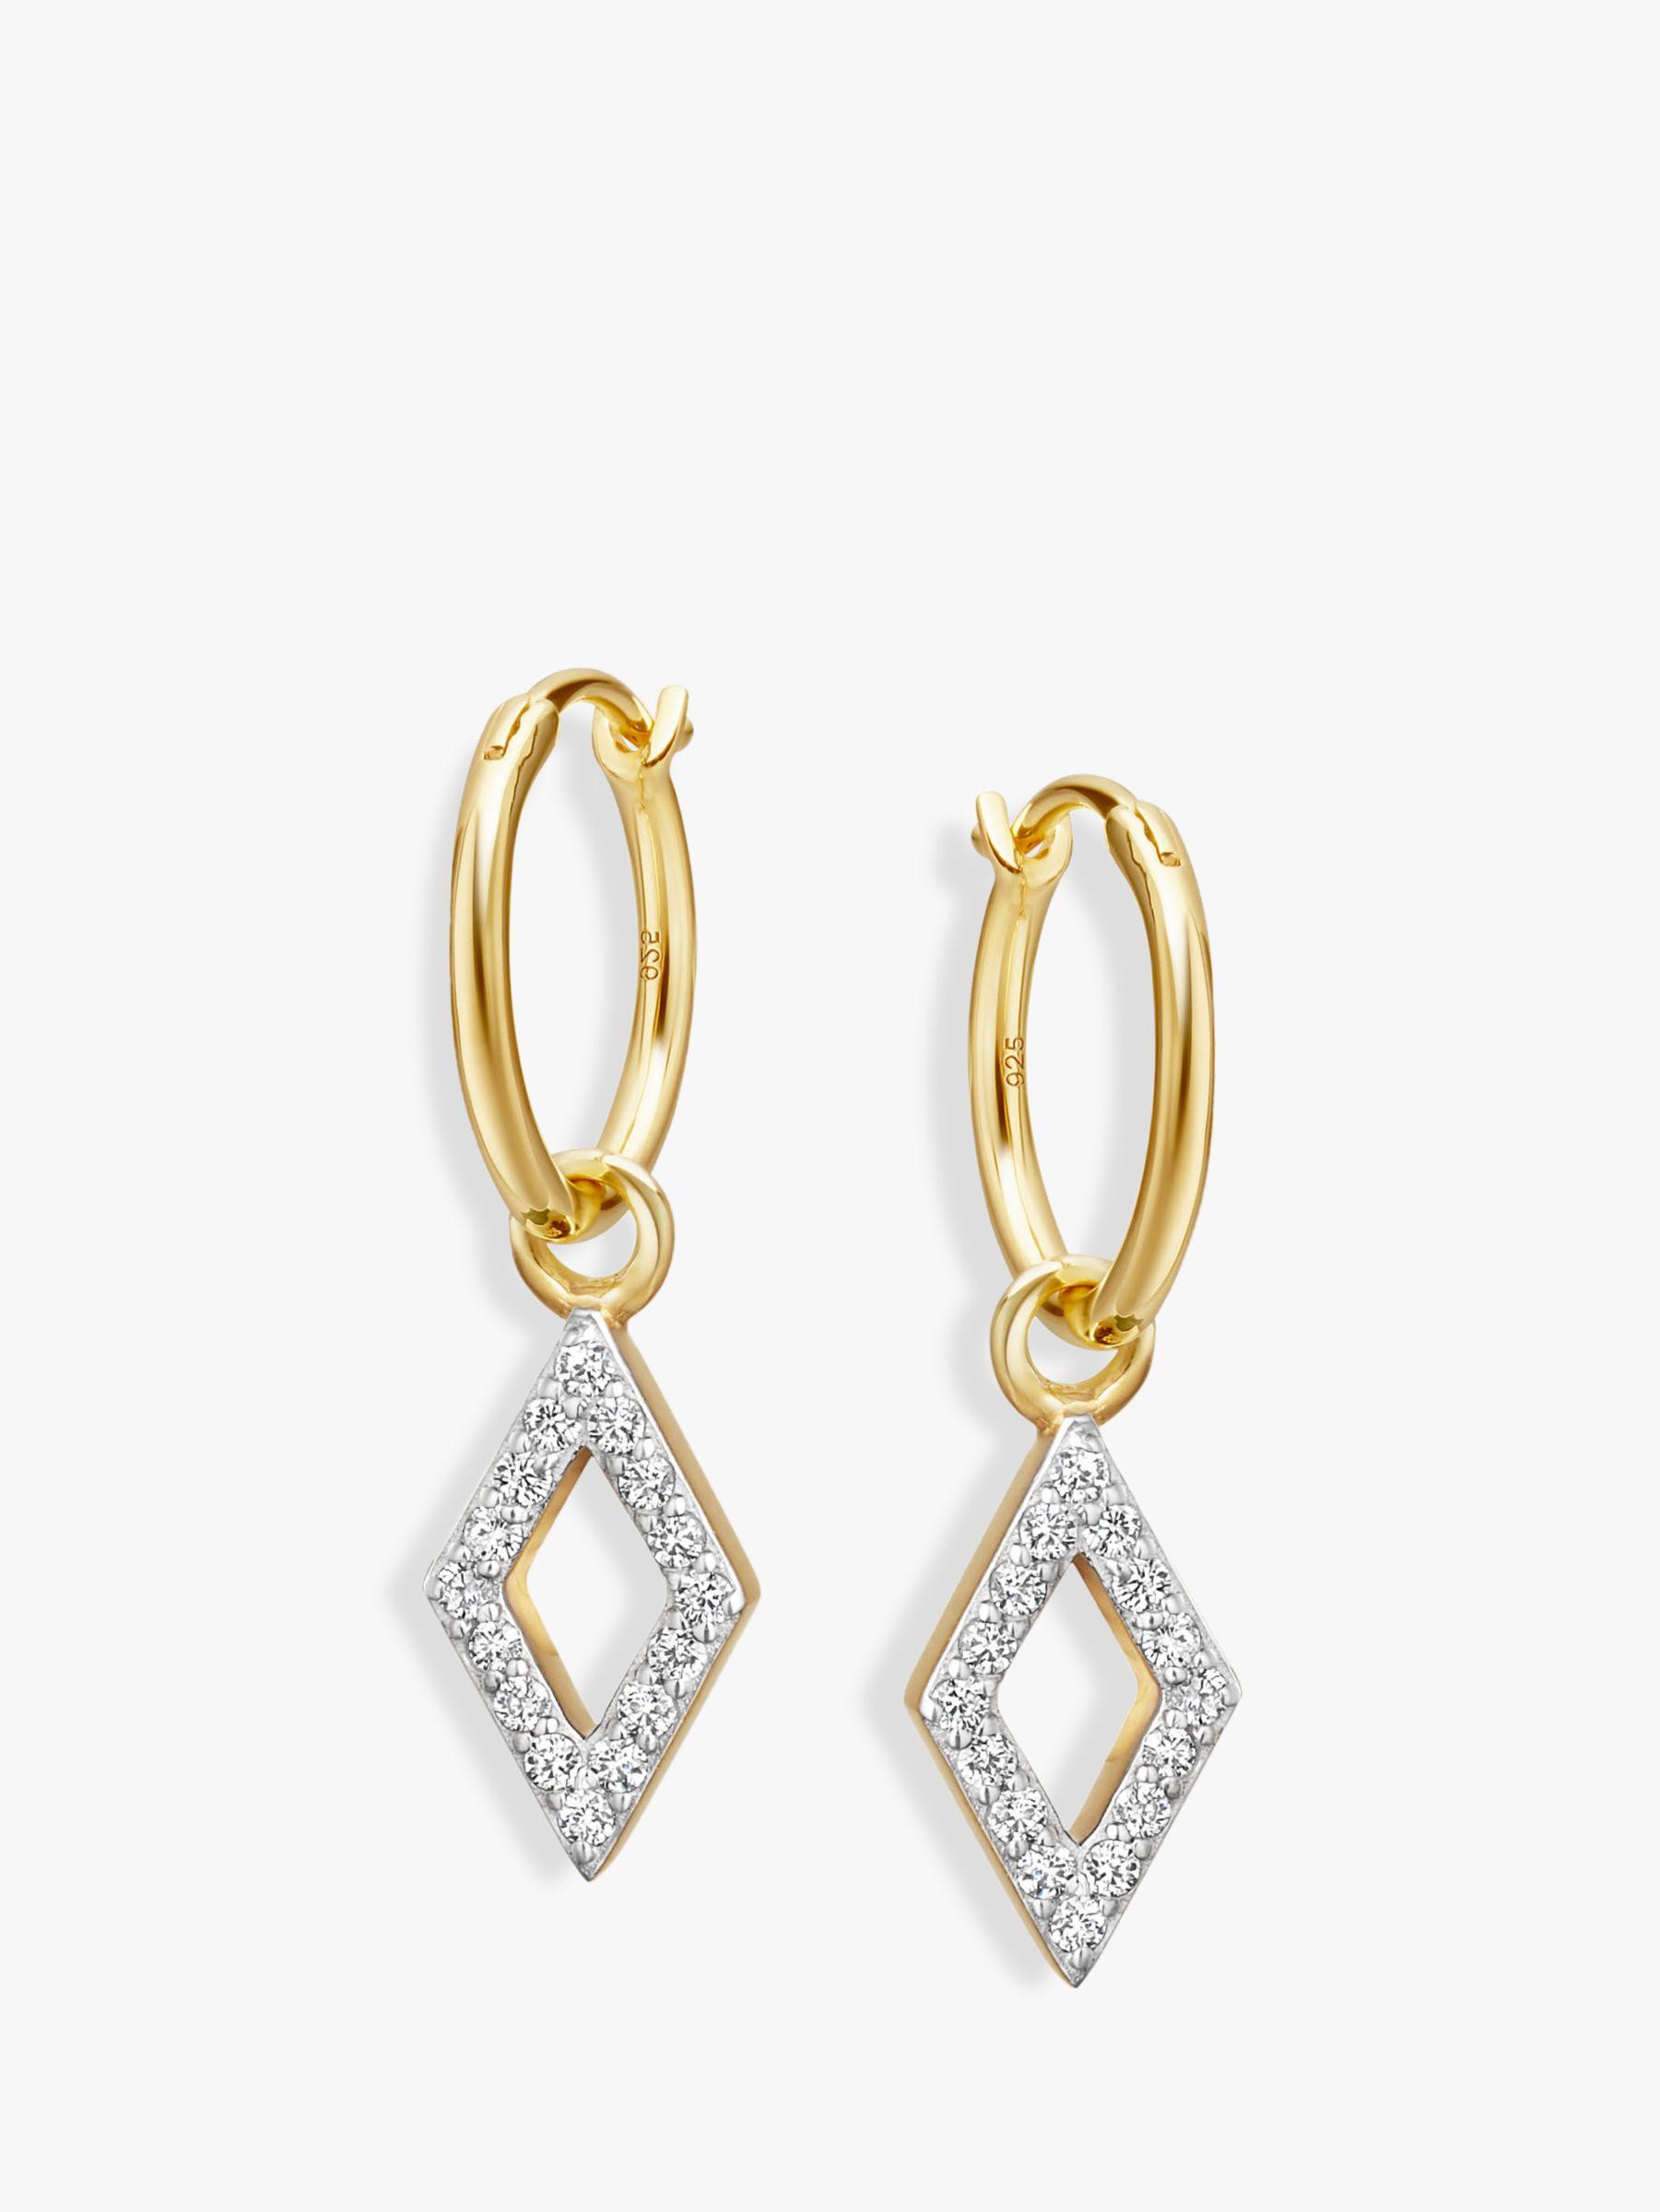 Missoma Missoma Diamond Charm Hoop Earrings, Gold